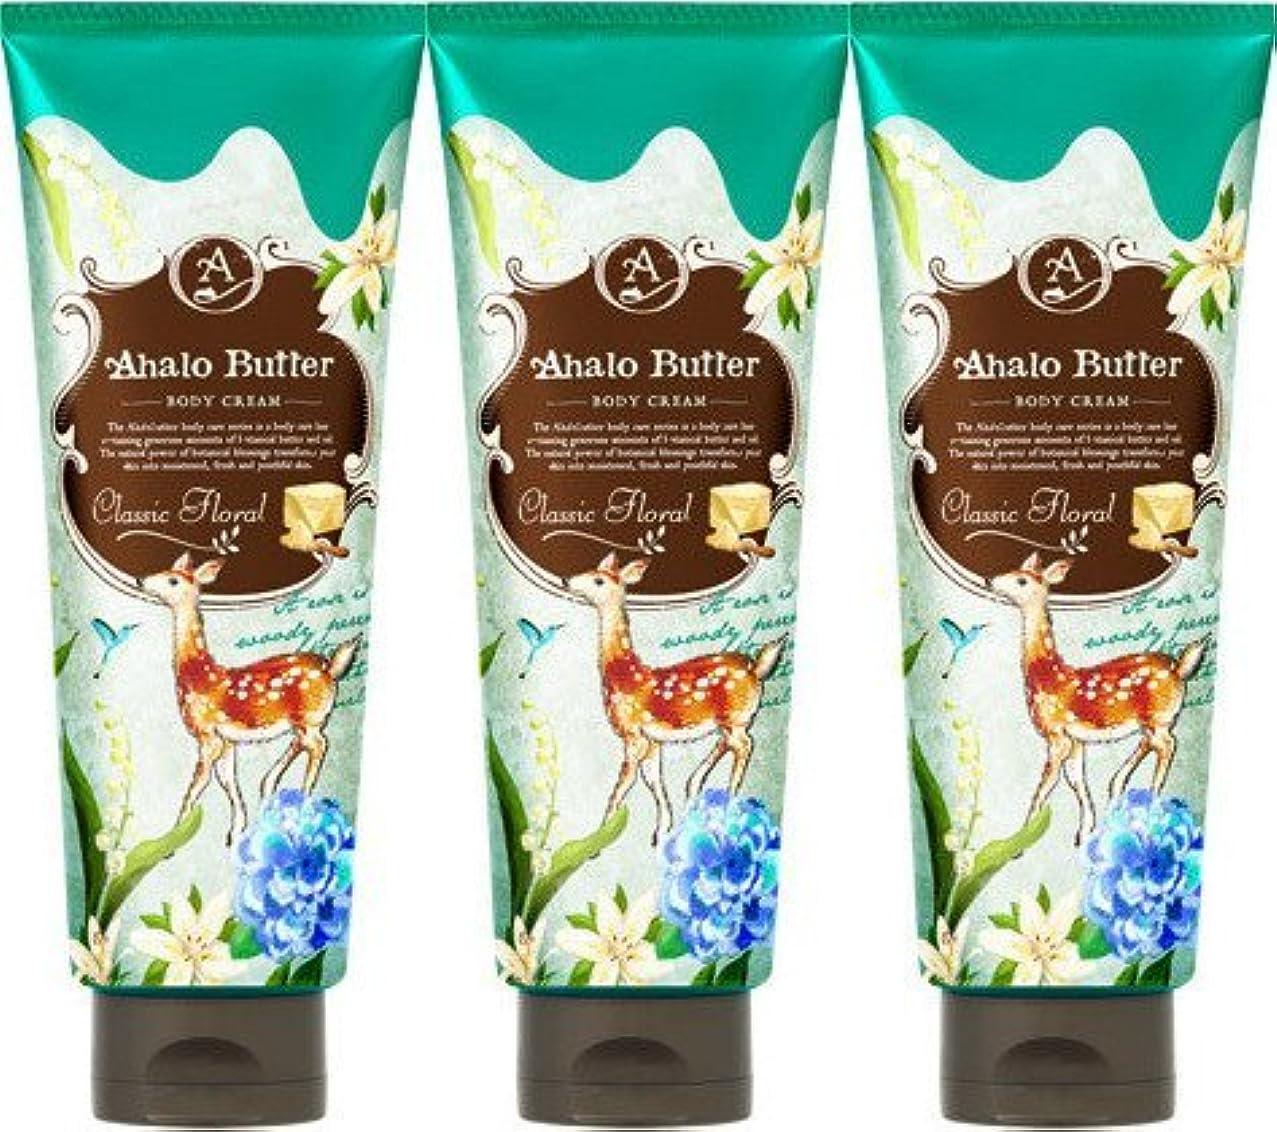 イブニングナンセンス維持【3個セット】Ahalo butter(アハロバター) ボディクリーム クラシックフローラル 150g